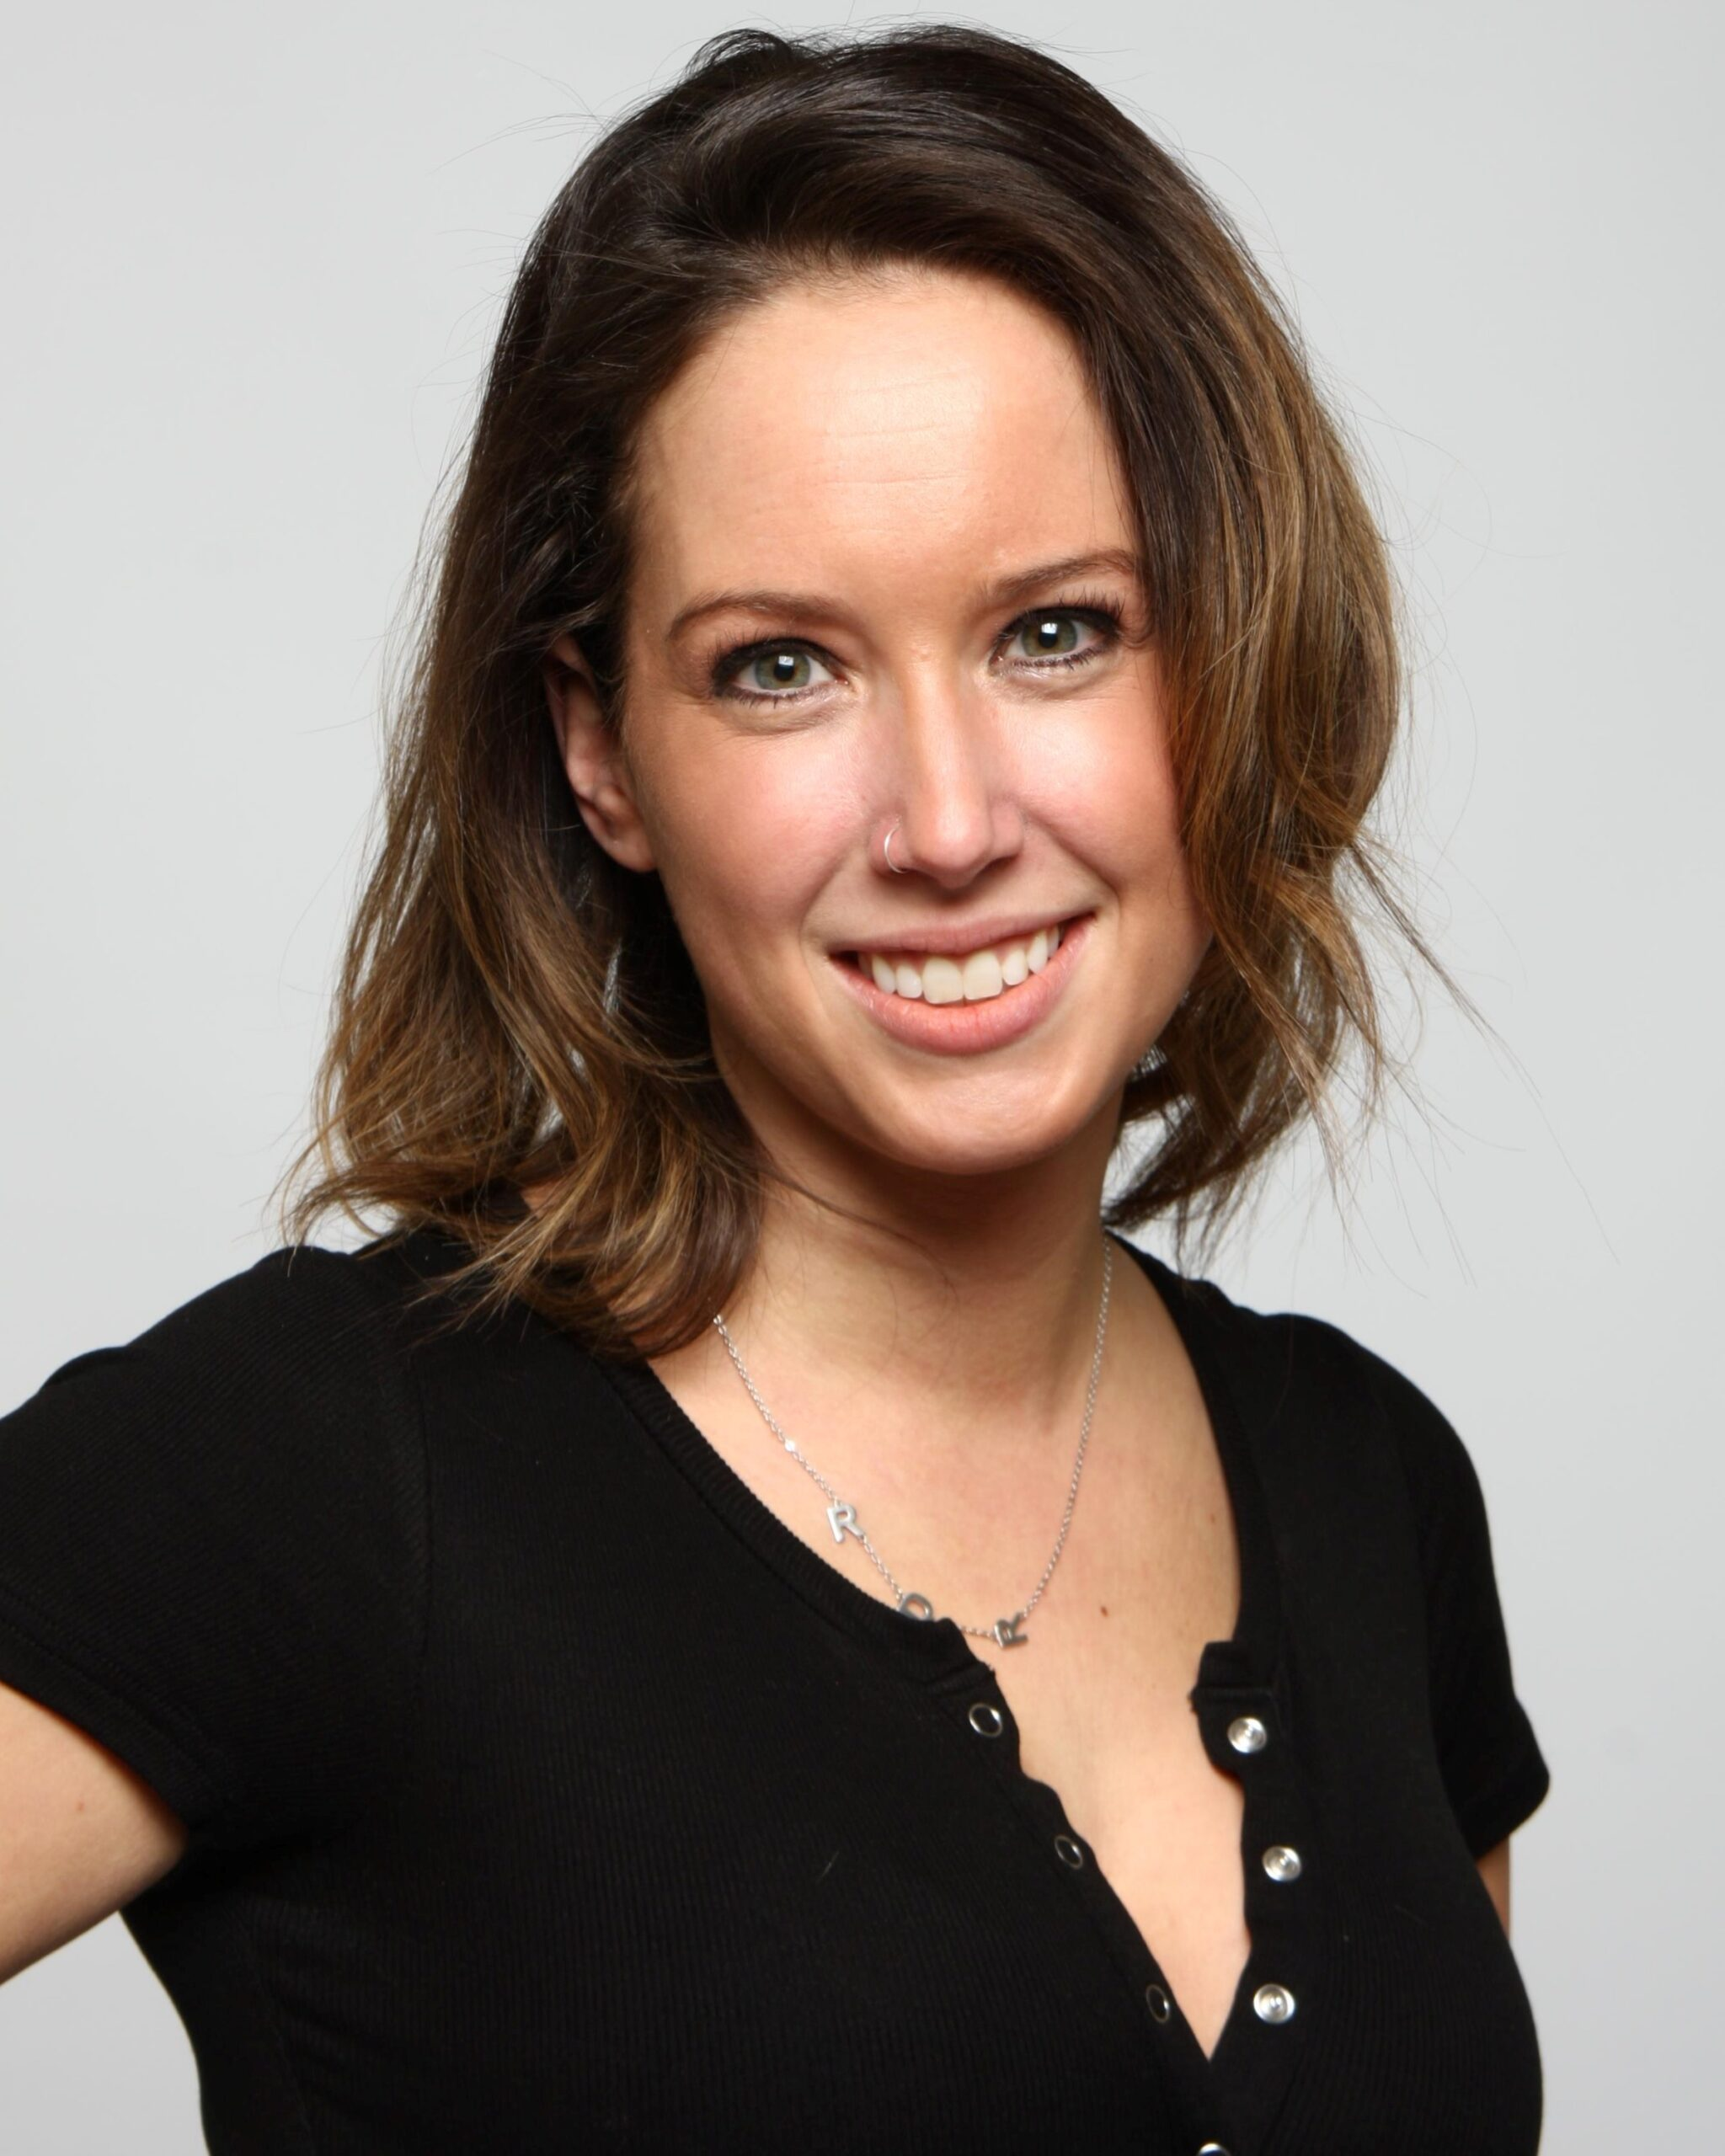 Erin Gustafson